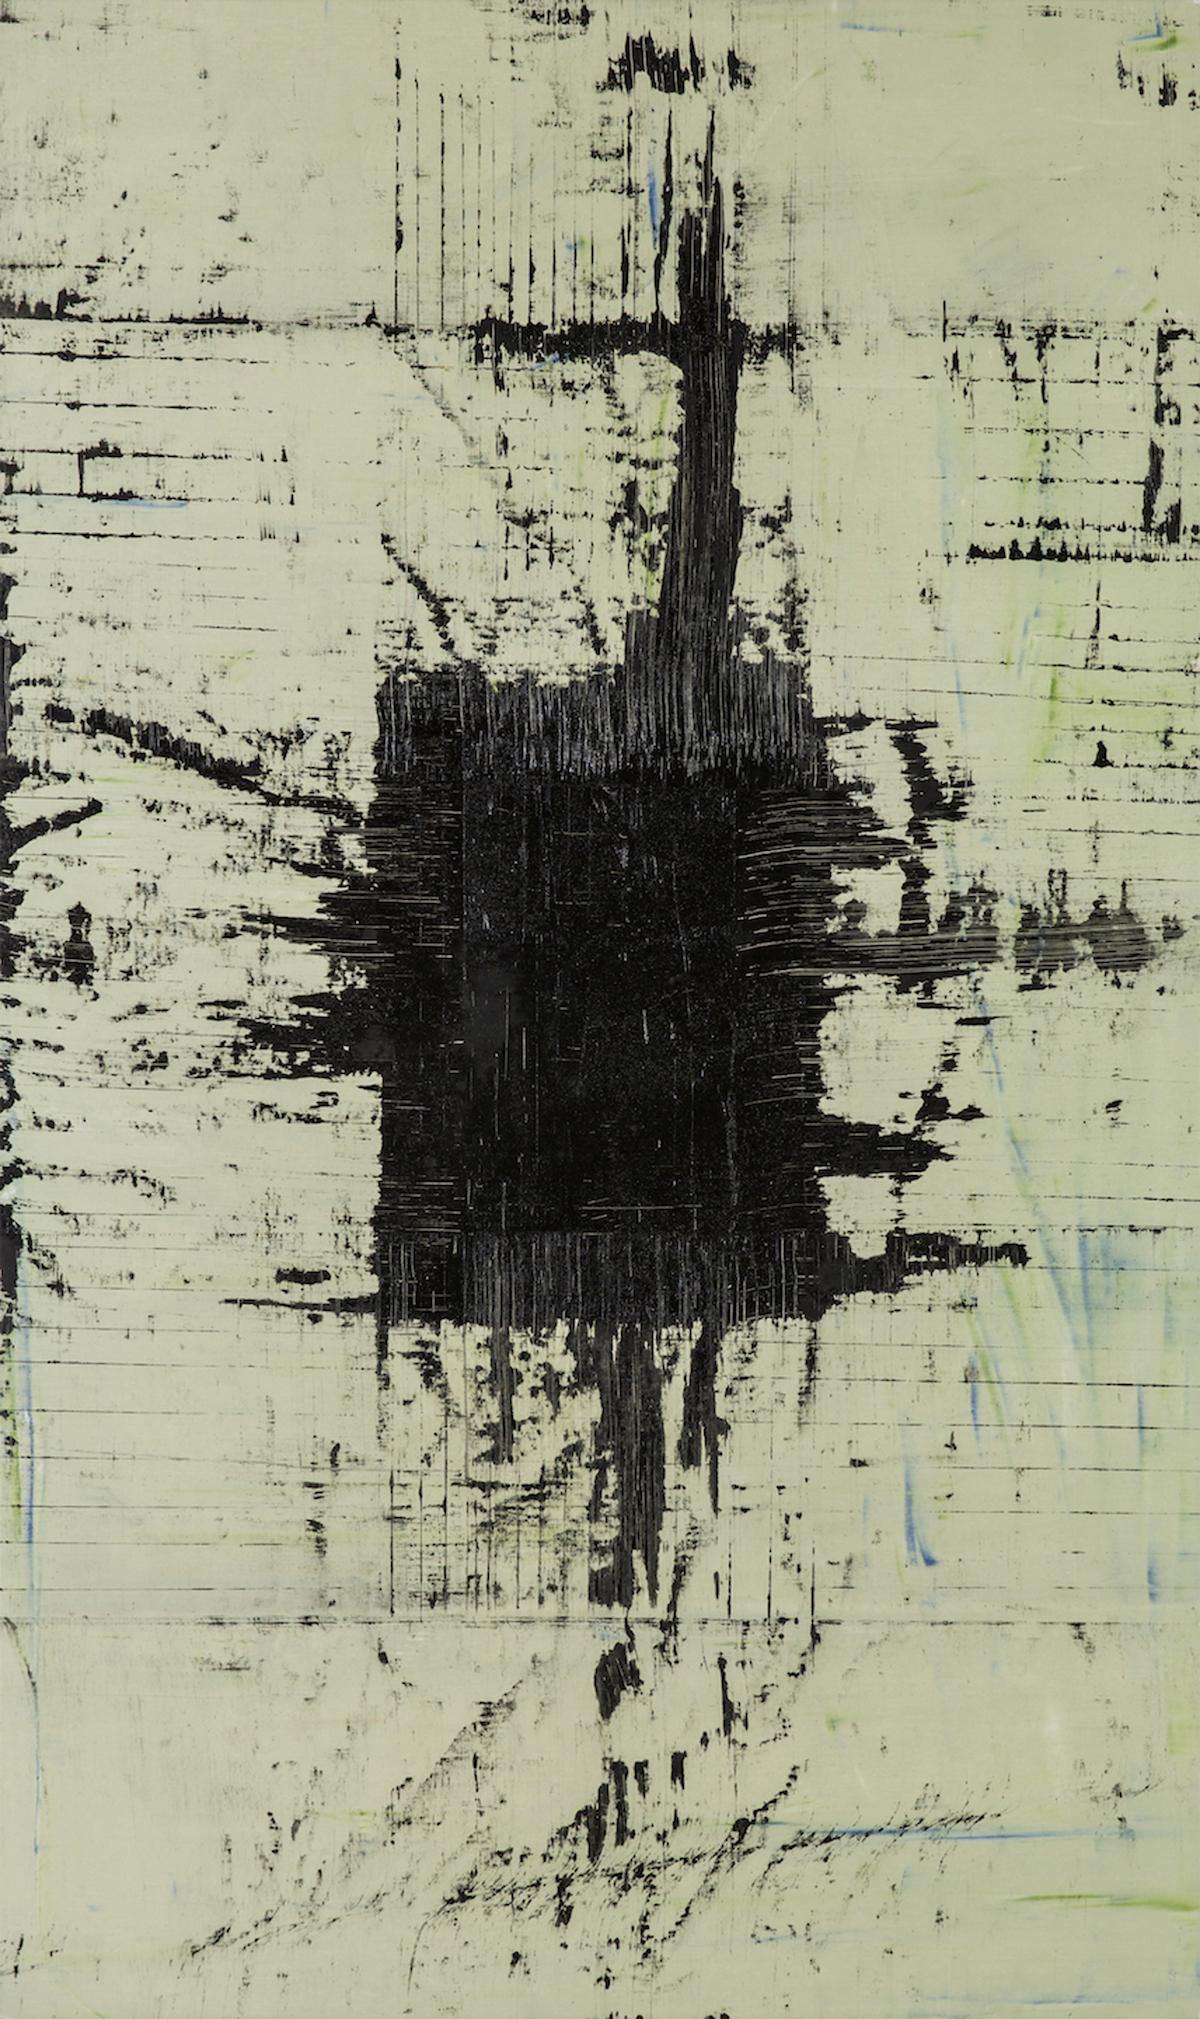 Fluid Structures Phase14-Concrete Sculpture-Oil on Canvas-240x135cm-PhotoBy Onur Gokçe.jpg